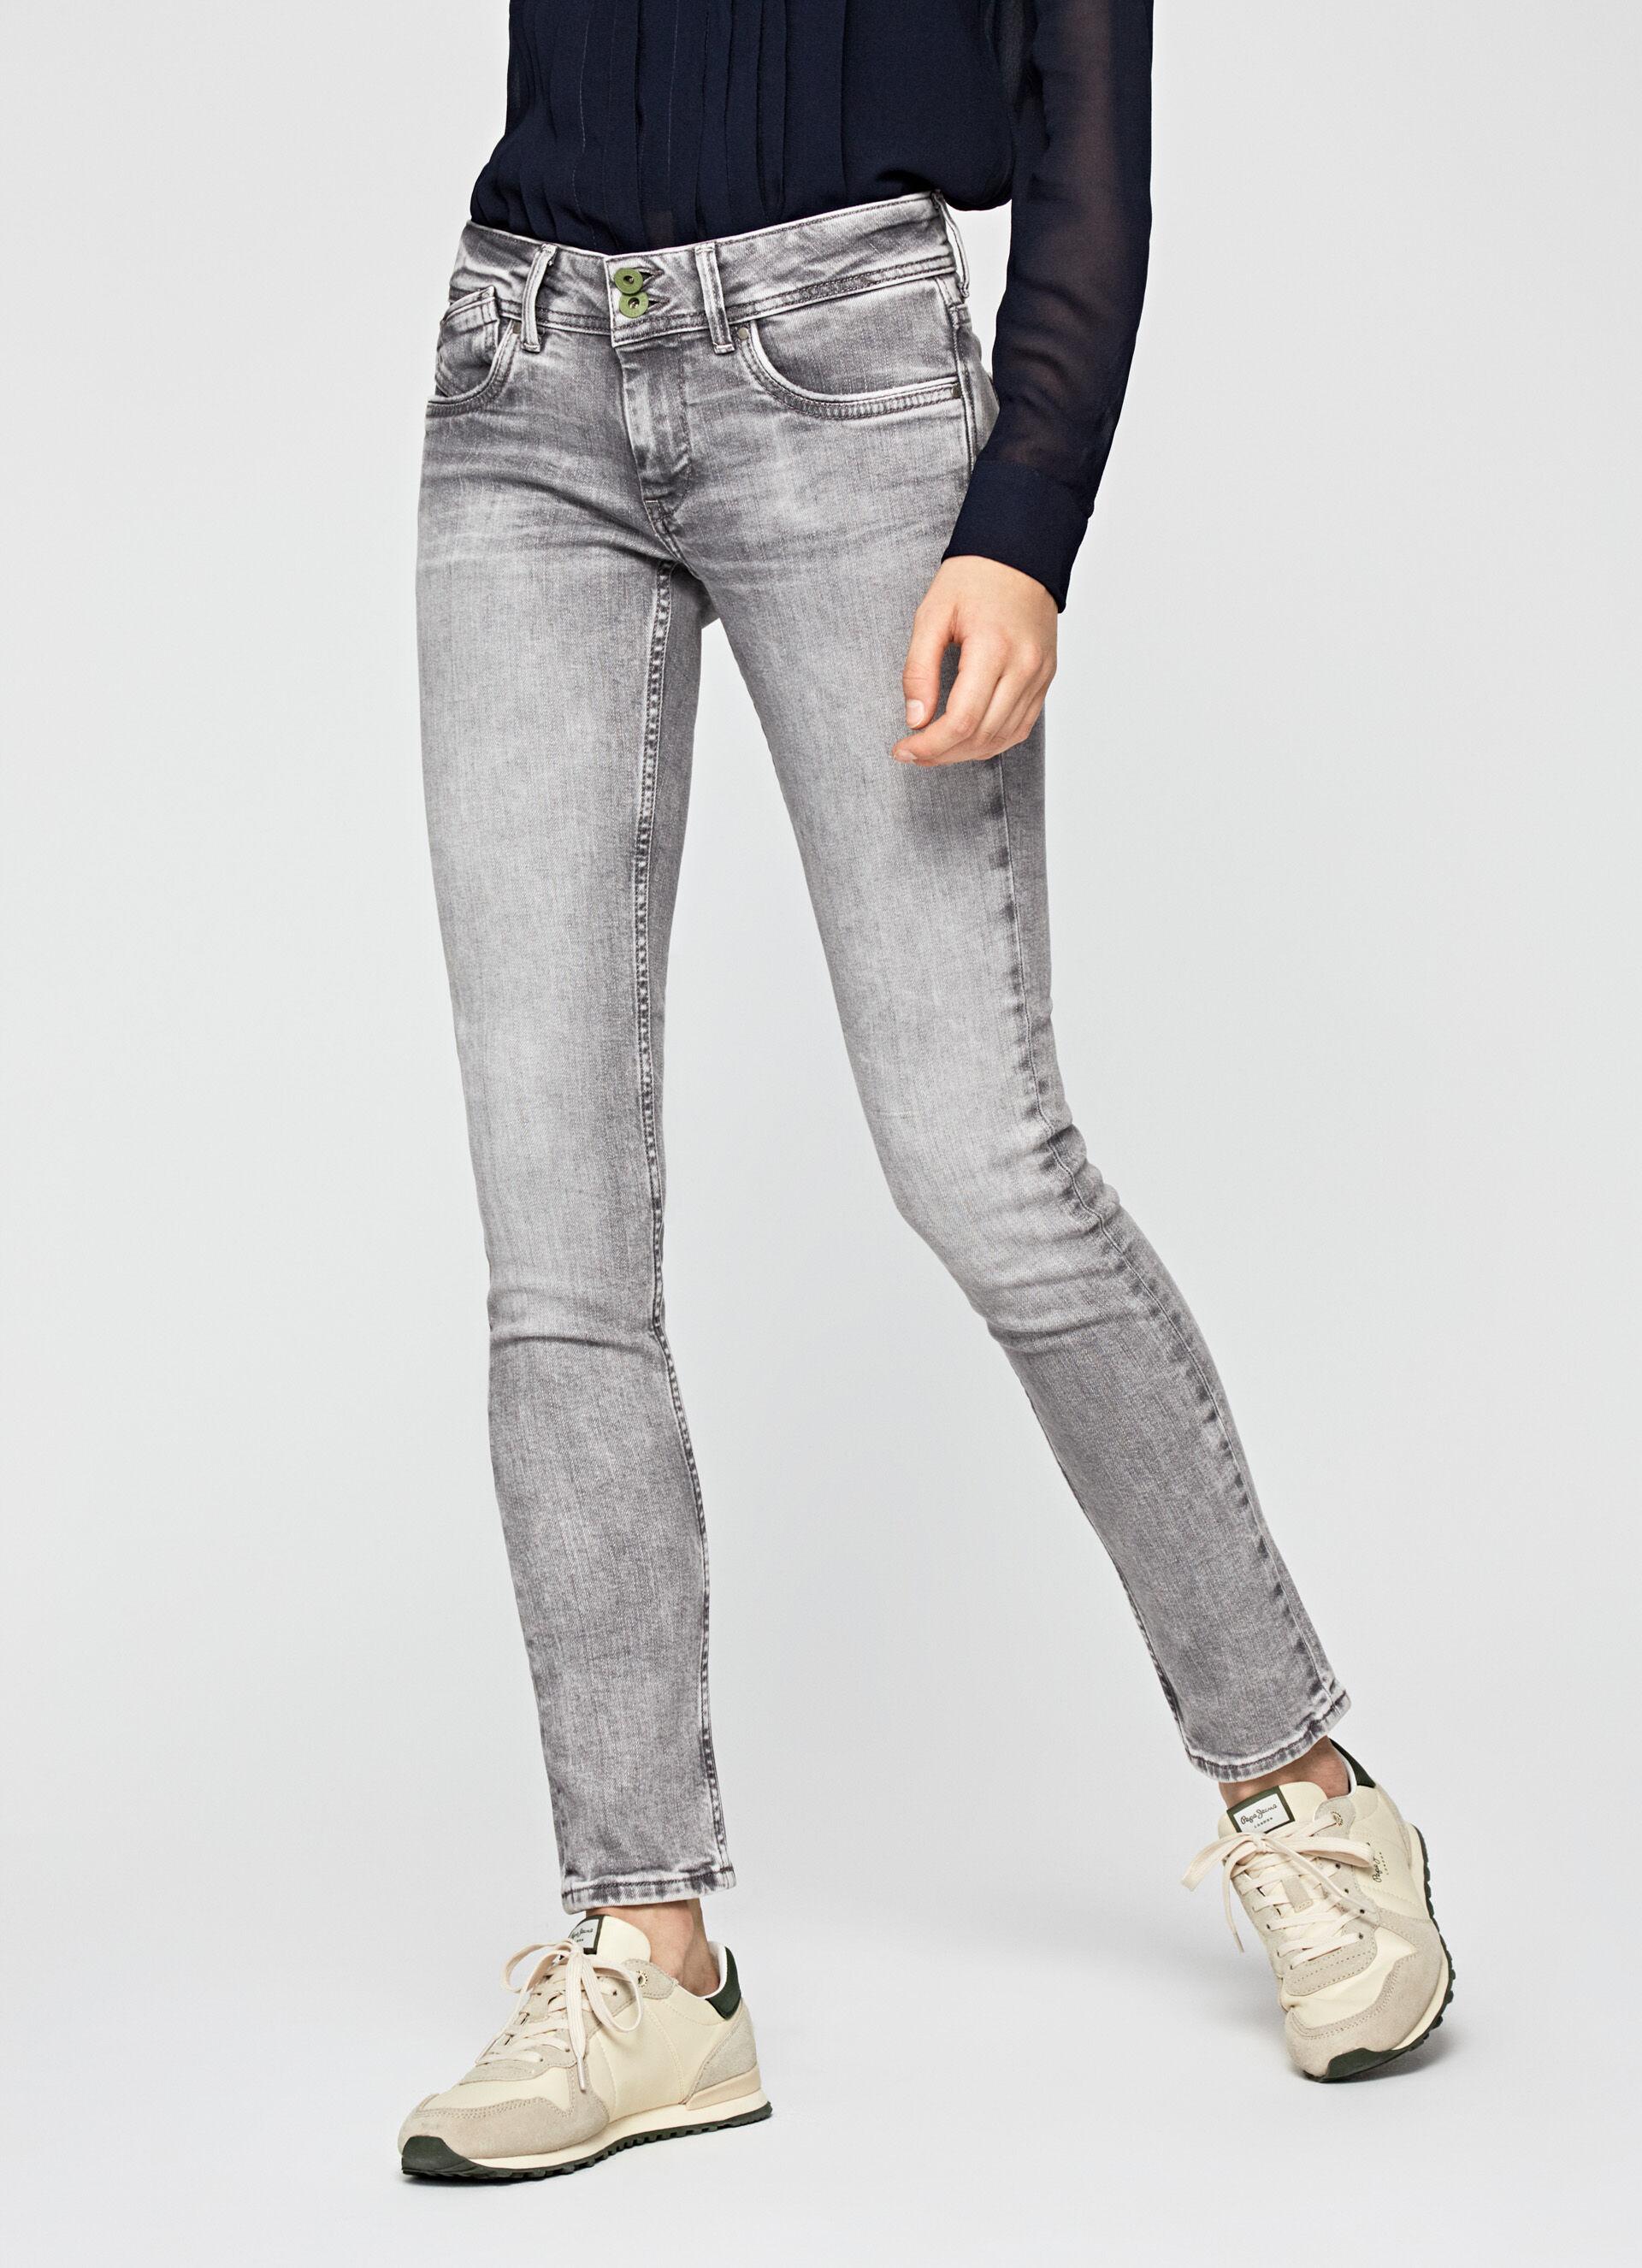 Ropa De MujerPepe Novedades London En Jeans wOuTXkPiZ